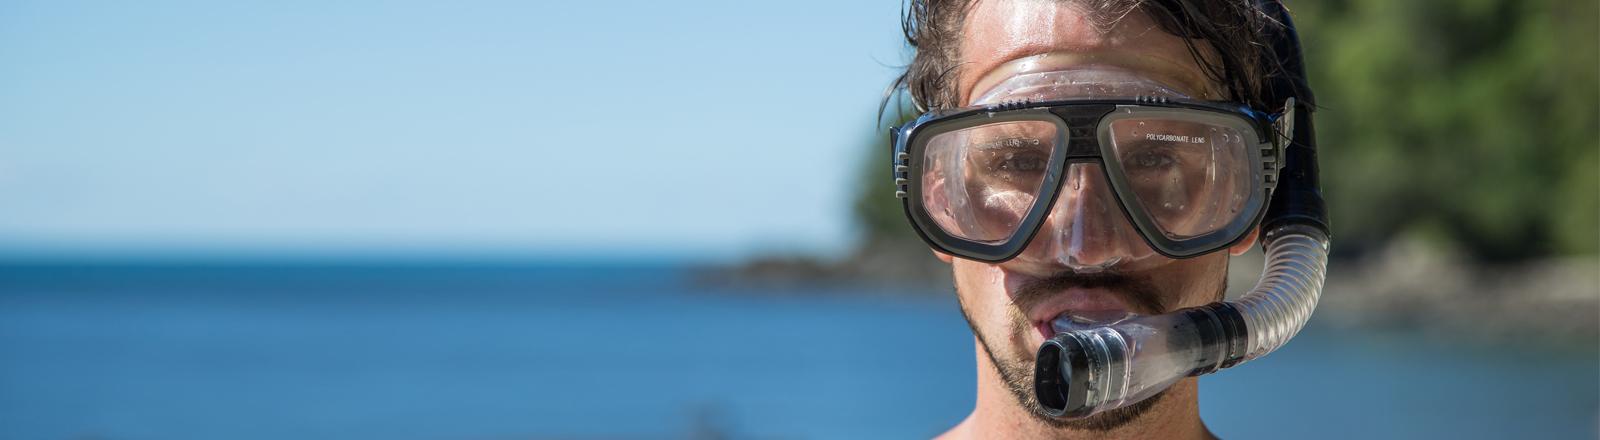 Ein Mann trägt eine Taucherbrille.